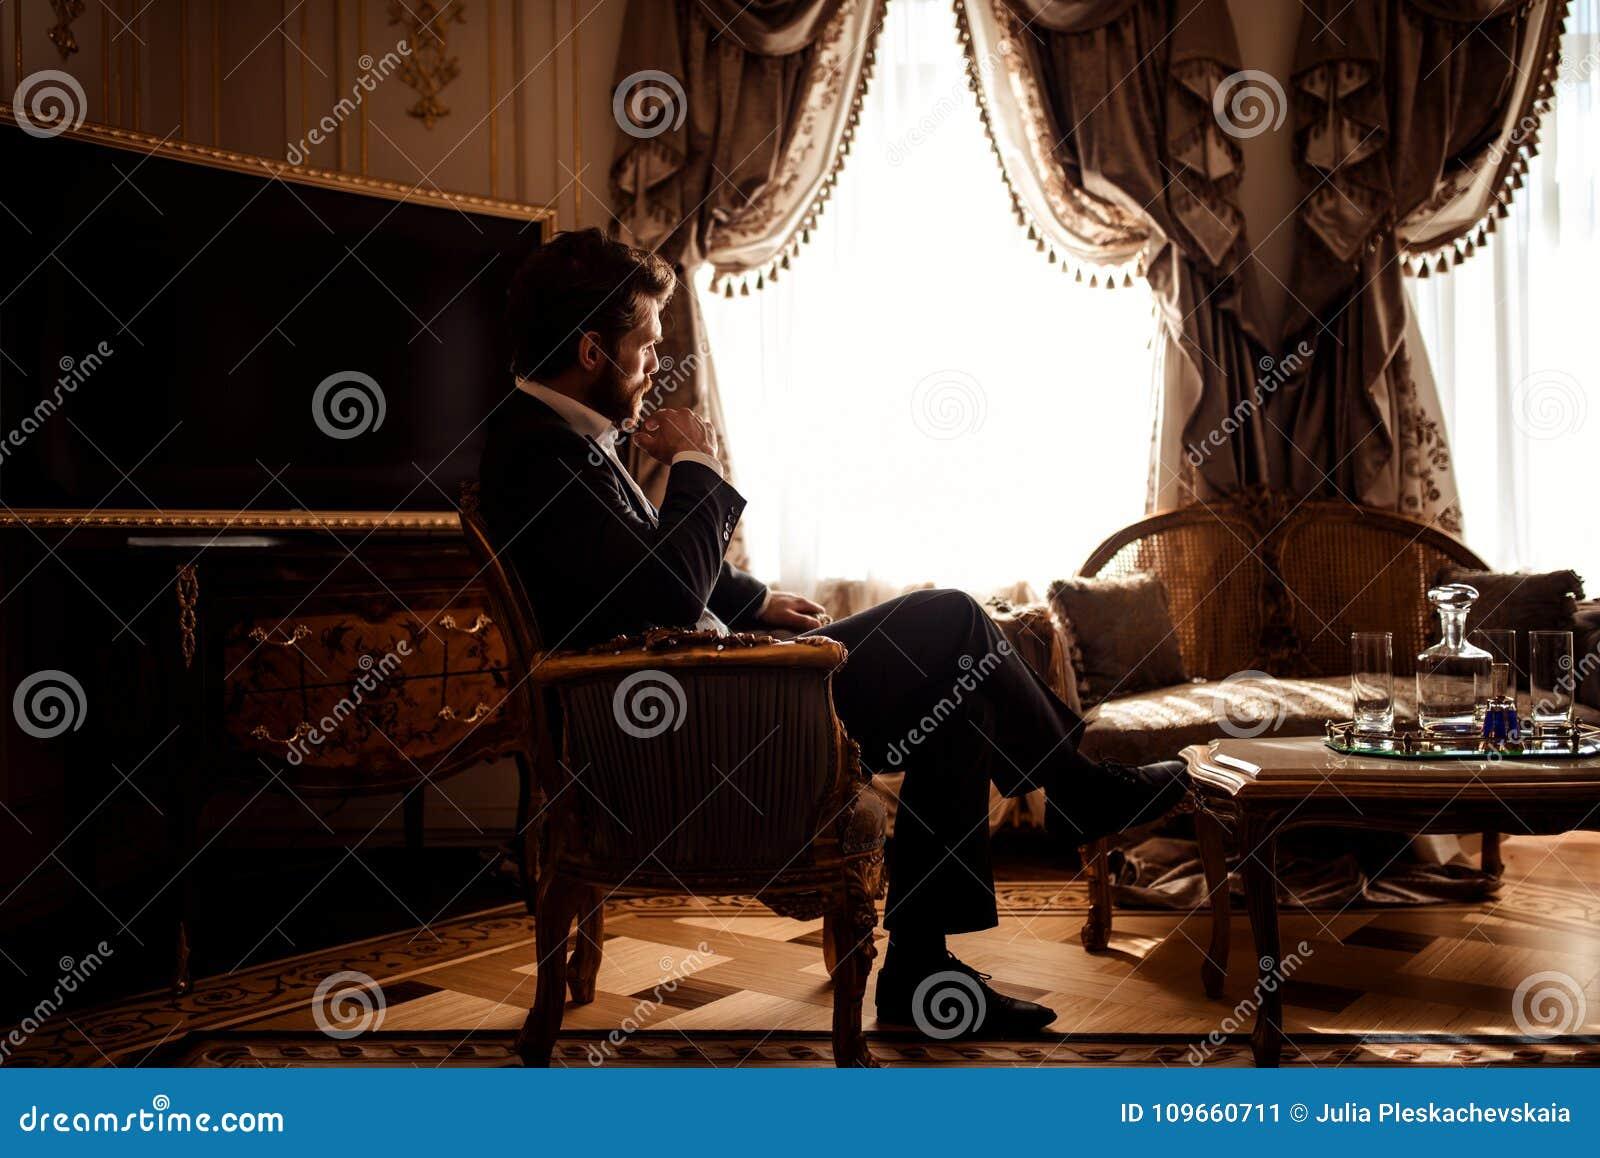 Salowy strzał rozważny wspaniały biznesmen lub przedsiębiorca jest ubranym czarnego kostium, siedzi w wygodnym pokoju z luksusowy